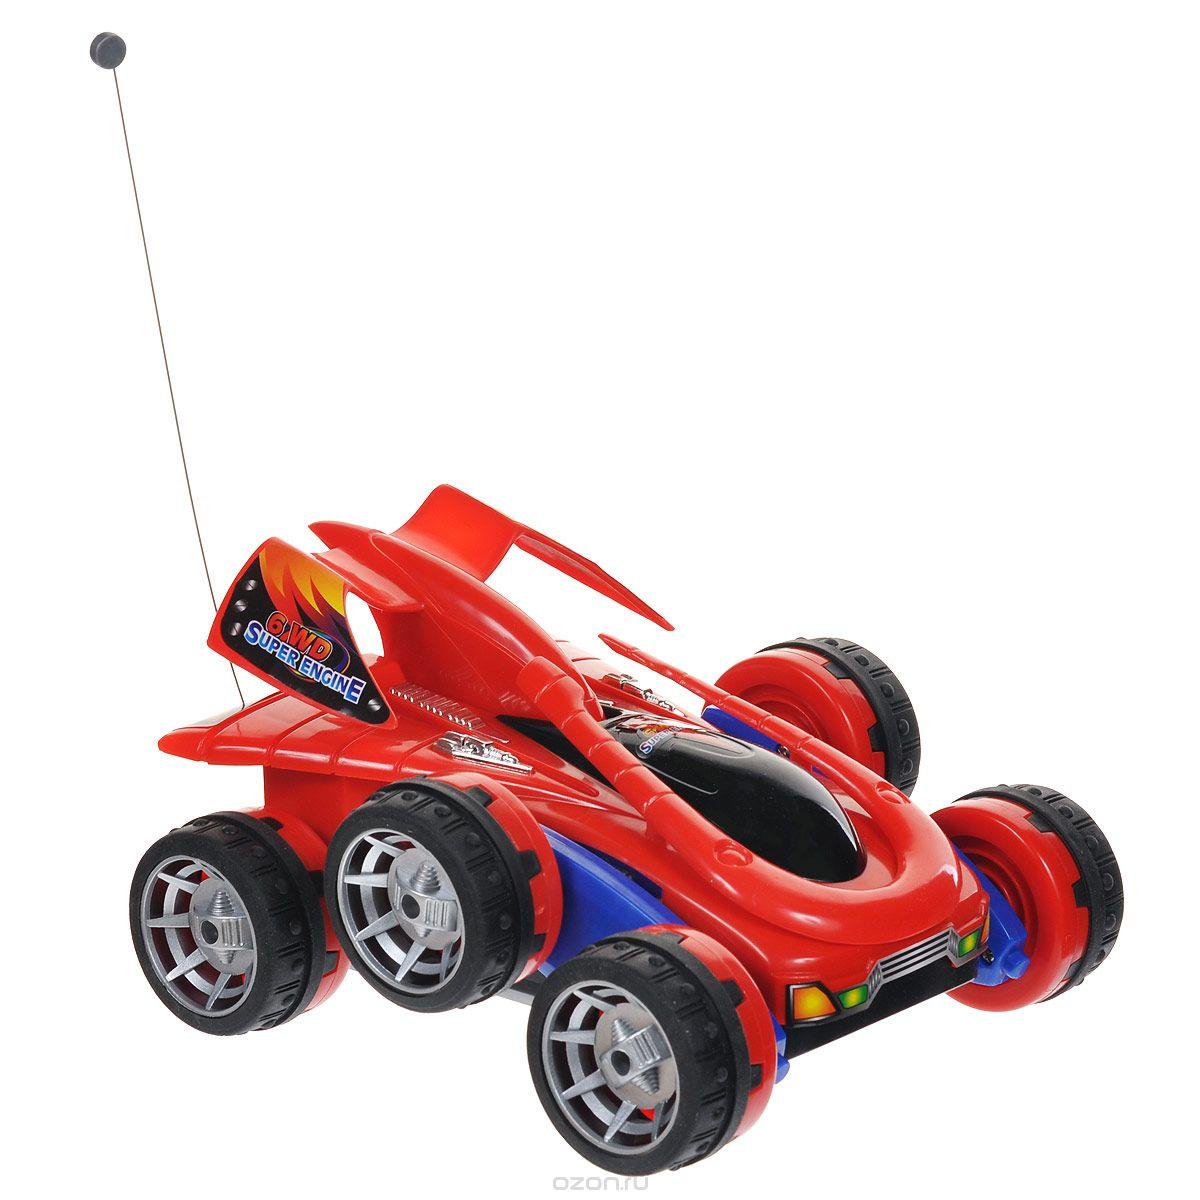 """Радиоуправляемая модель Regalia """"Акробат"""" доставит удовольствие вашему ребенку и приобщит его к миру техники и автомобилей. Машинка при помощи пульта управления движется вперед, дает задний ход, поворачивает влево и вправо, останавливается. Также, в отличие от радиоуправляемых машин предыдущего поколения, модель оснащена уникальным подвижным шасси, позволяющим свободно переворачиваться вперед и назад. Корпус машинки выполнен из прочного пластика, шины - из резины. Машина развивает хорошую скорость и обладает высокой стабильностью движения, что позволяет полностью контролировать процесс, управляя уверенно и без суеты. Повышенная проходимость модели позволяет преодолевать препятствия, играть не только дома, но и на улице. В комплект входят модель, пульт дистанционного управления, батарейка для пульта, аккумуляторная батарейка для машины, зарядное устройство к ней и инструкция по эксплуатации модели на русском языке. Такая модель станет отличным подарком любителю скорости и..."""